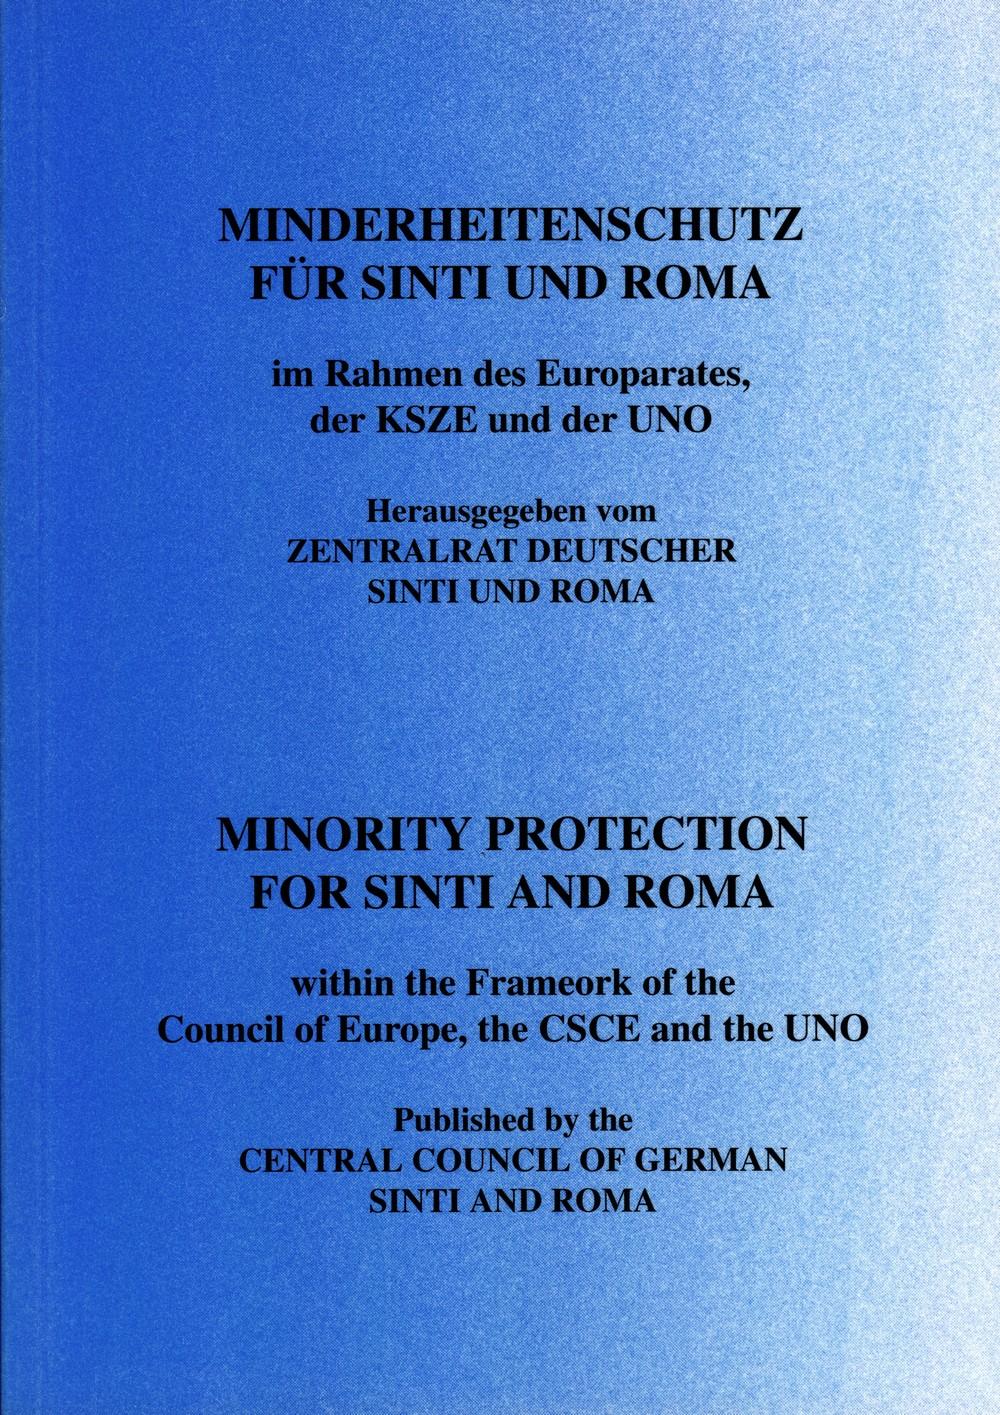 Minderheitenschutz für Sinti und Roma